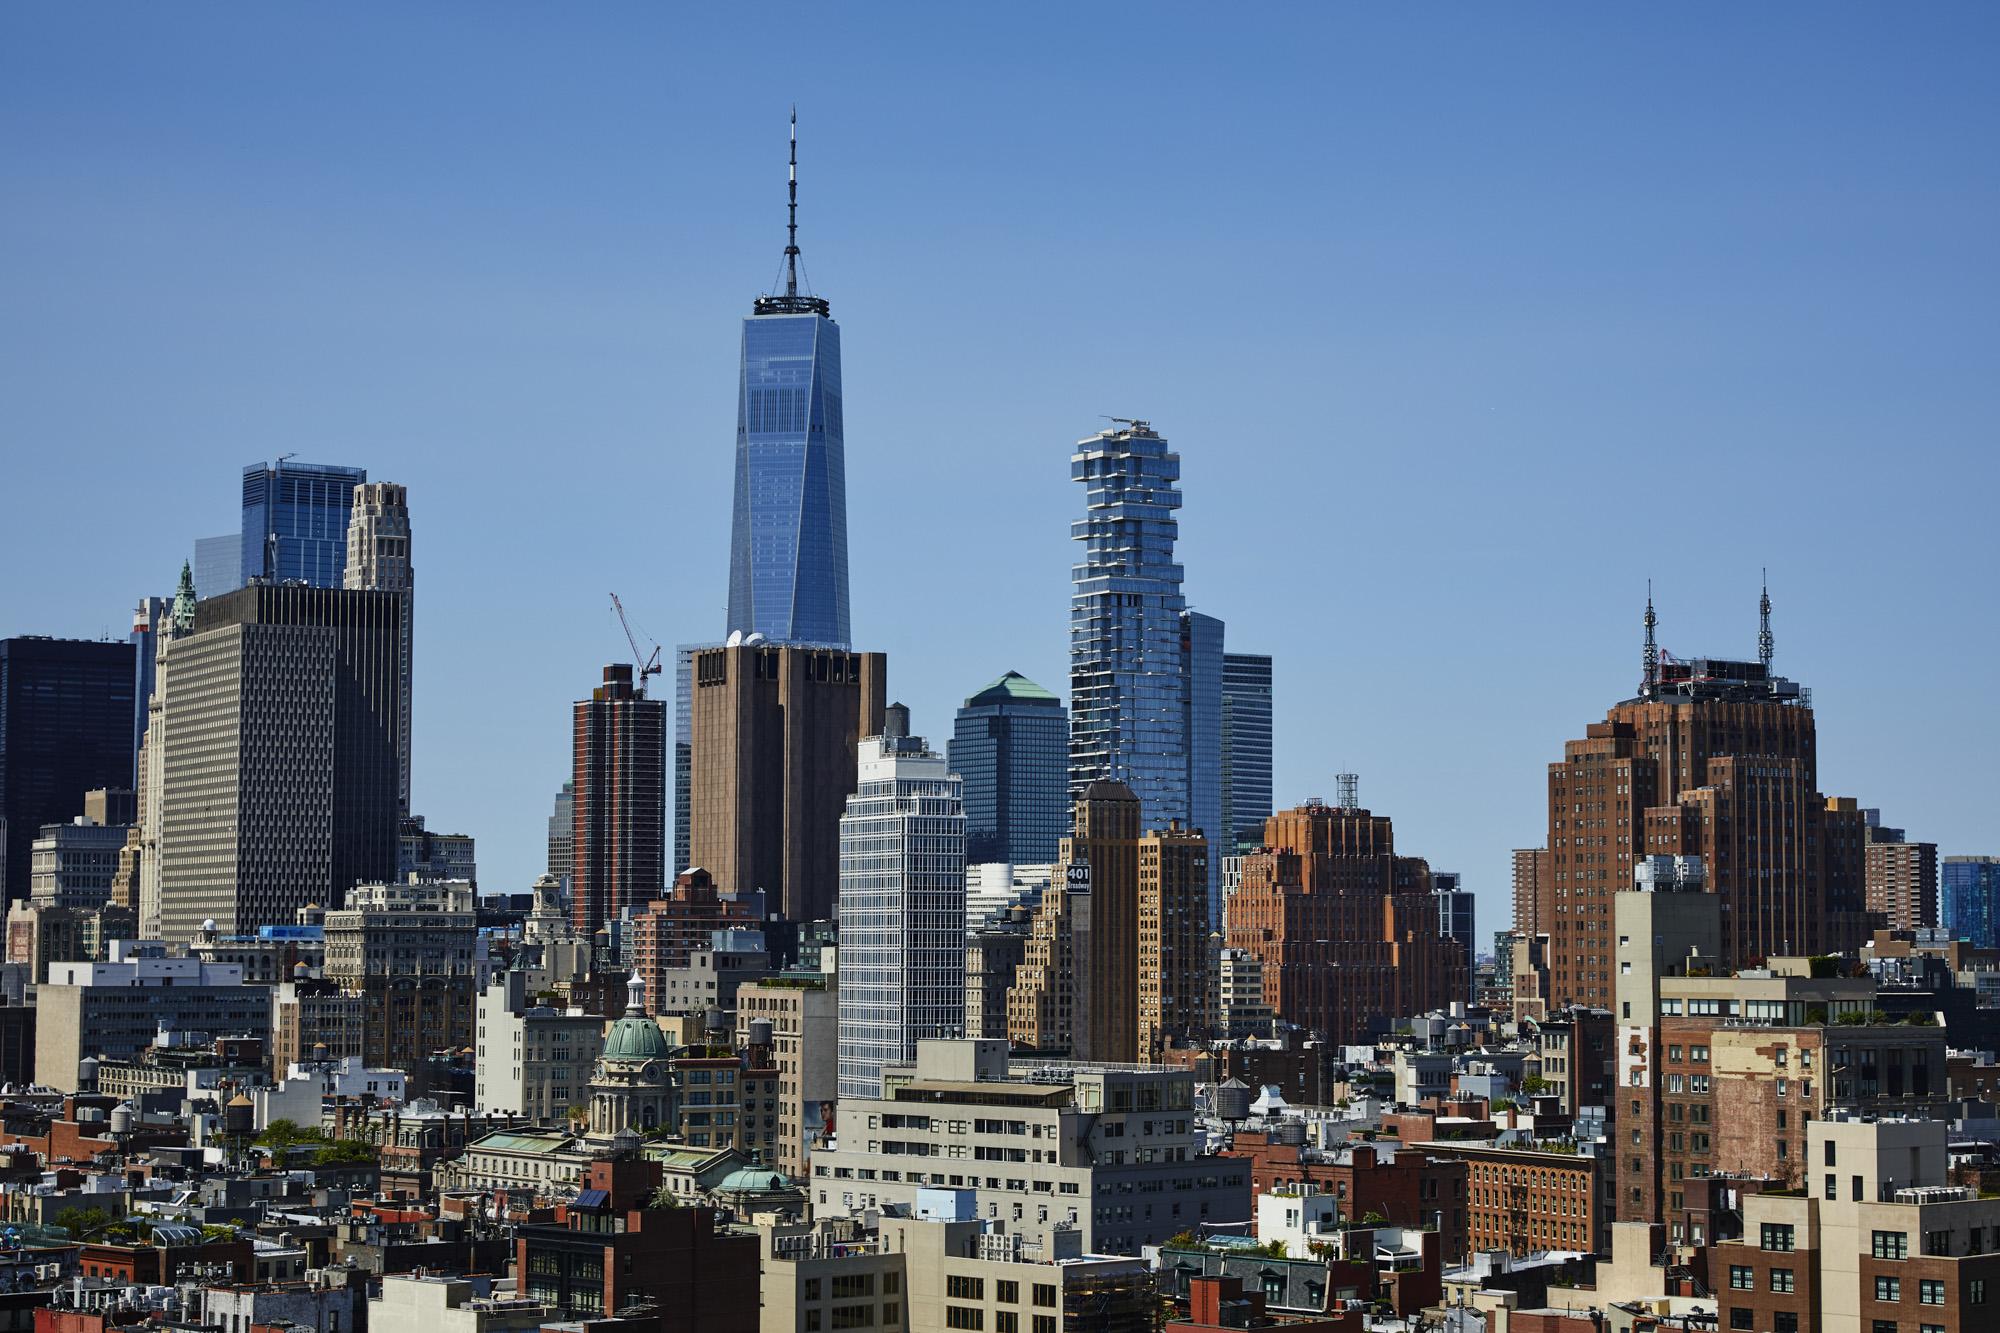 kyrani-kanavaros-new-york-photography-48.jpg